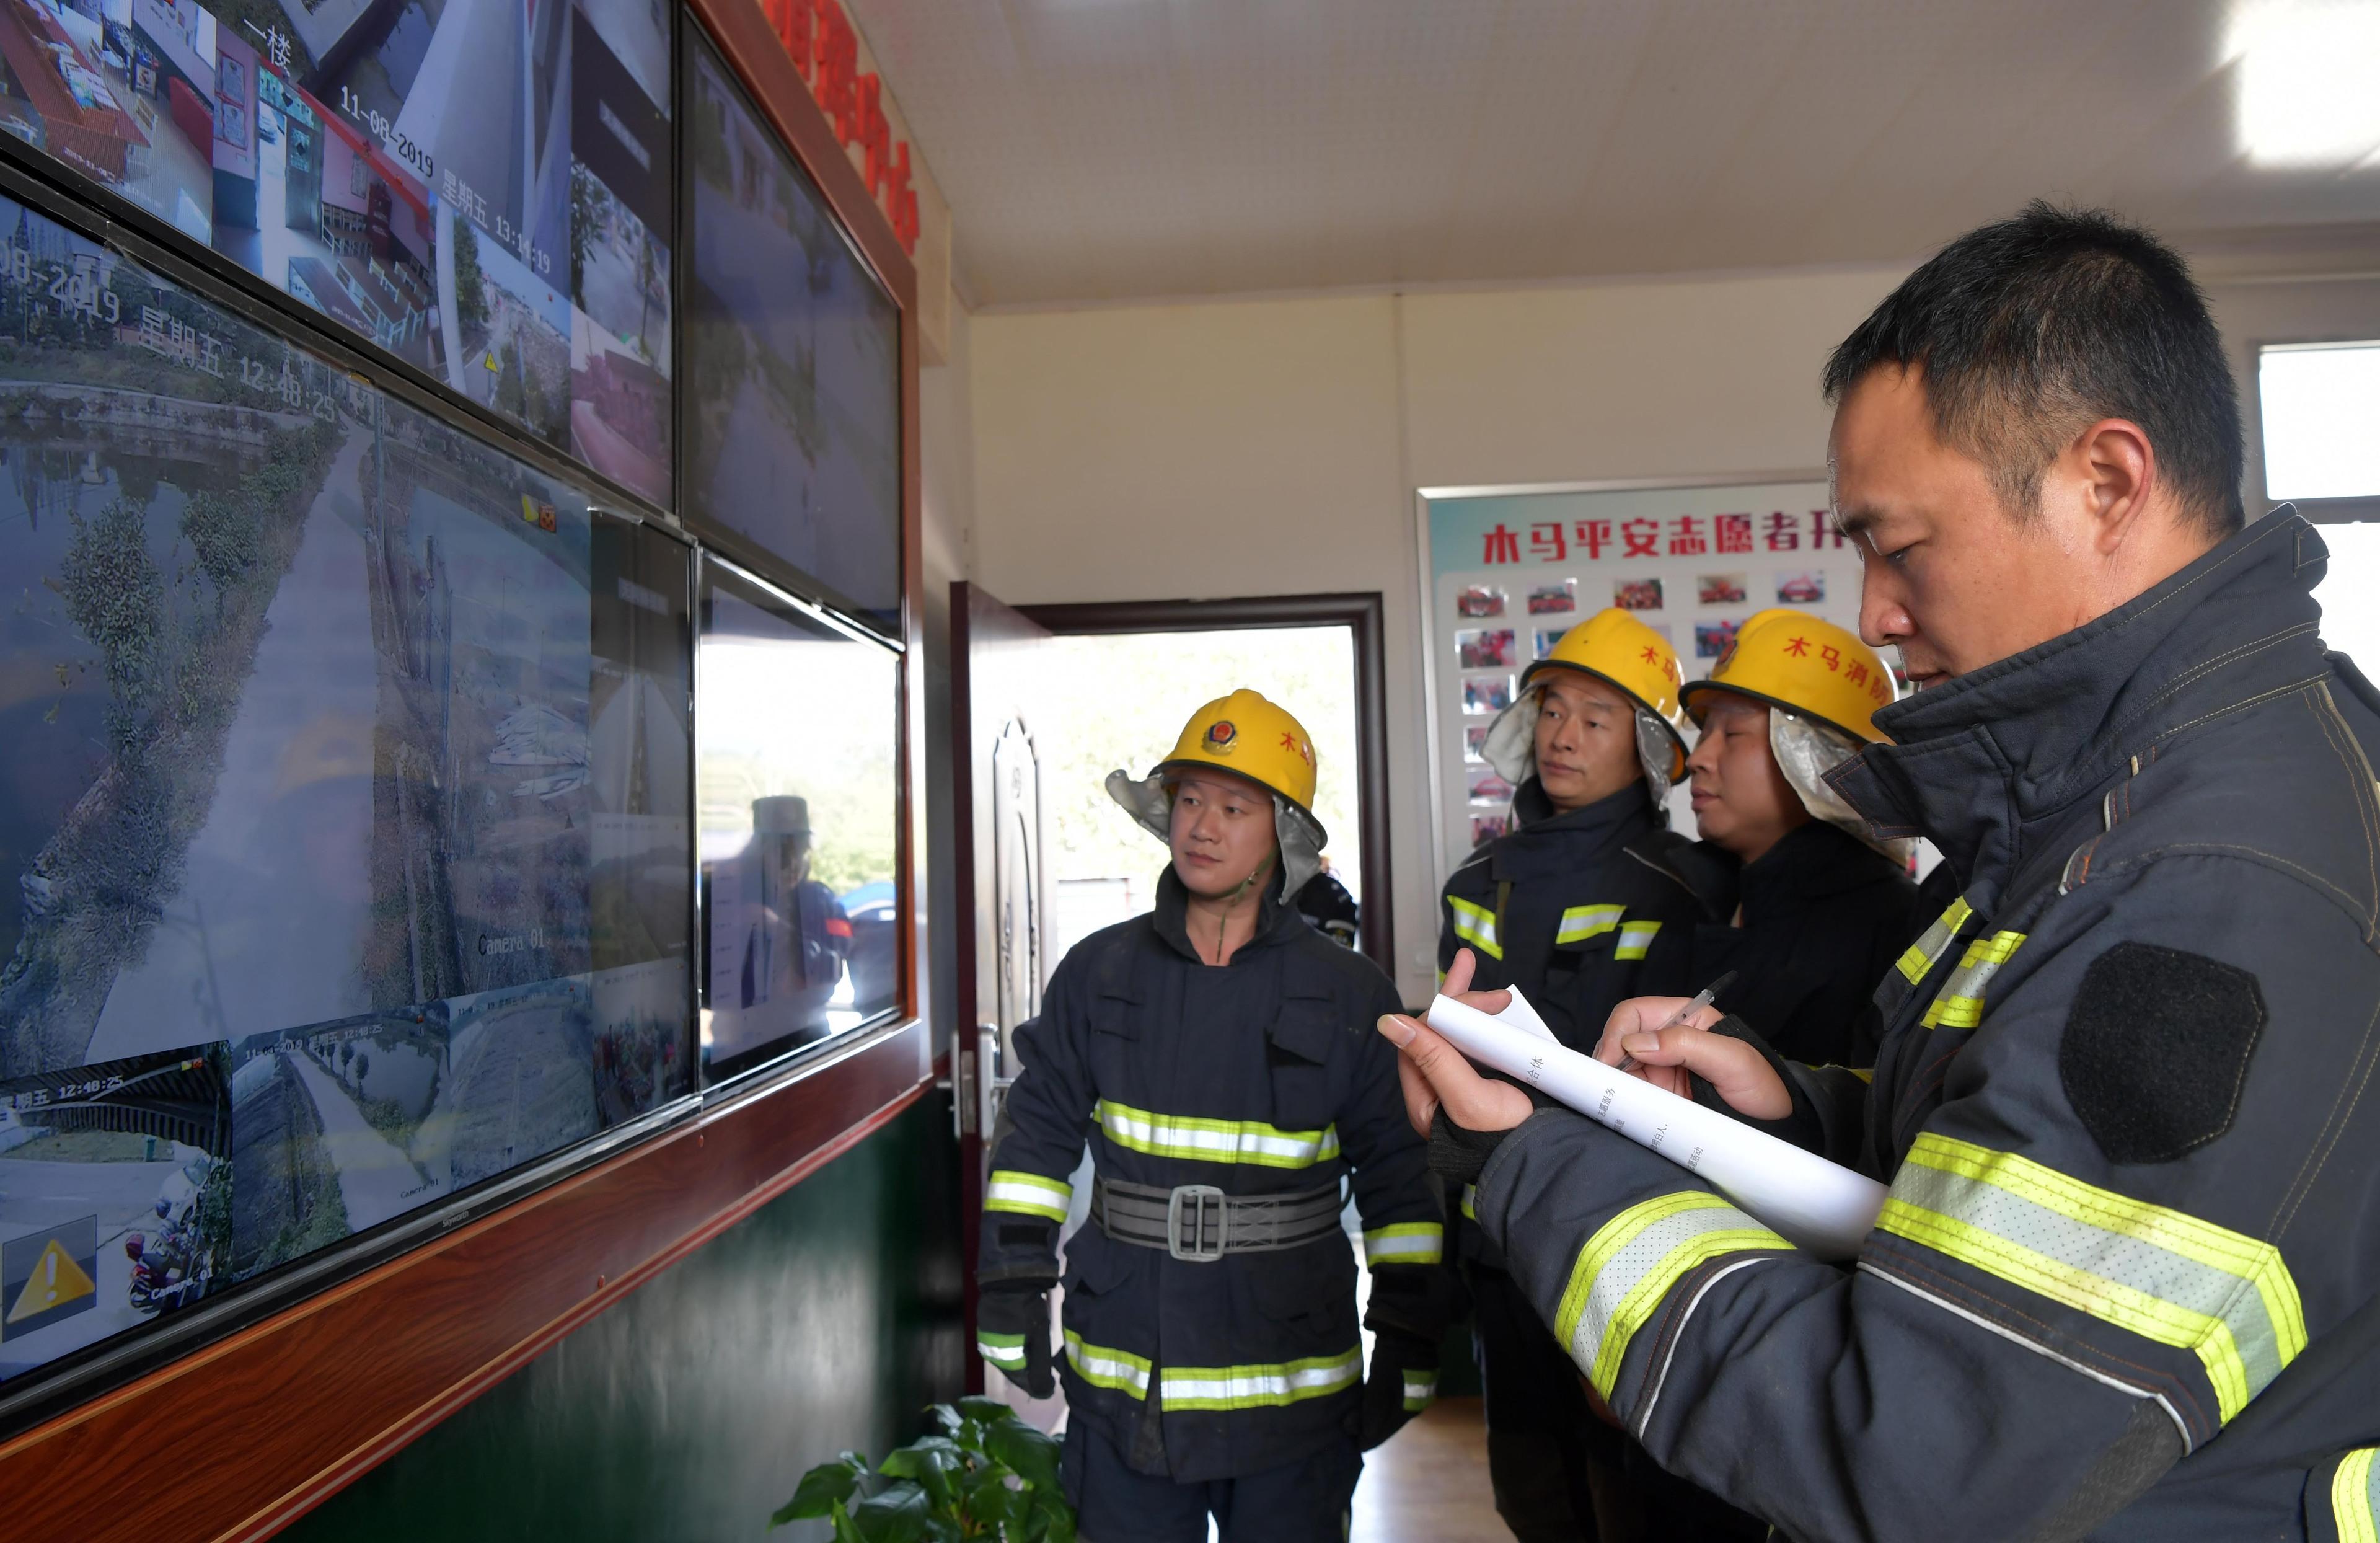 """一级注册消防工程师揭秘""""挂证""""行情:挂靠价格从年12万降至2万,监管趋严、出火灾要负责"""